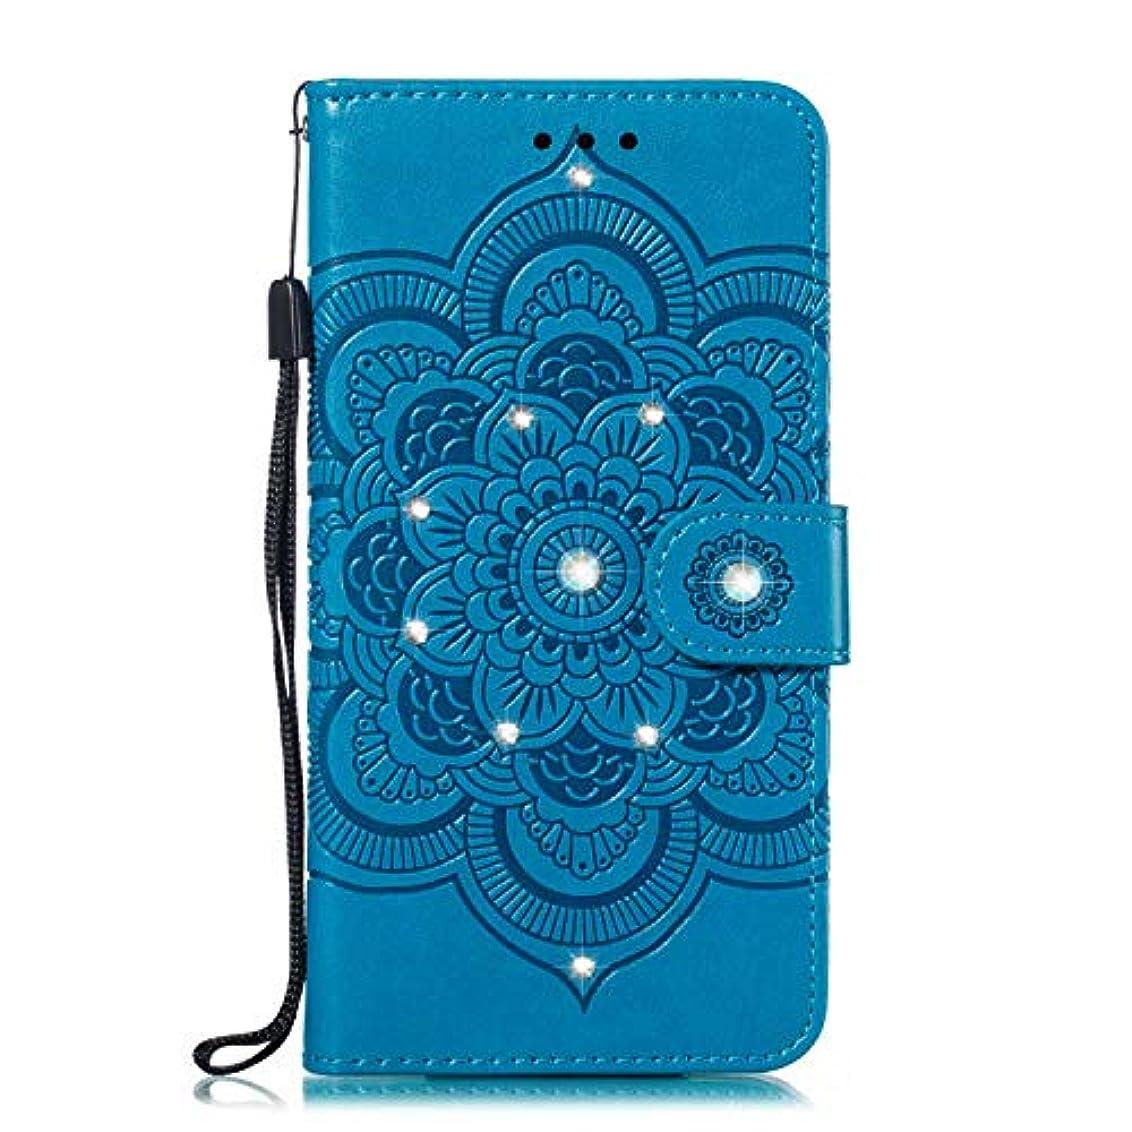 泣いているポータル関税CUNUS 高品質 合皮レザー ケース Huawei Honor 10 用, 防塵 ケース, 軽量 スタンド機能 耐汚れ カード収納 カバー, ブルー